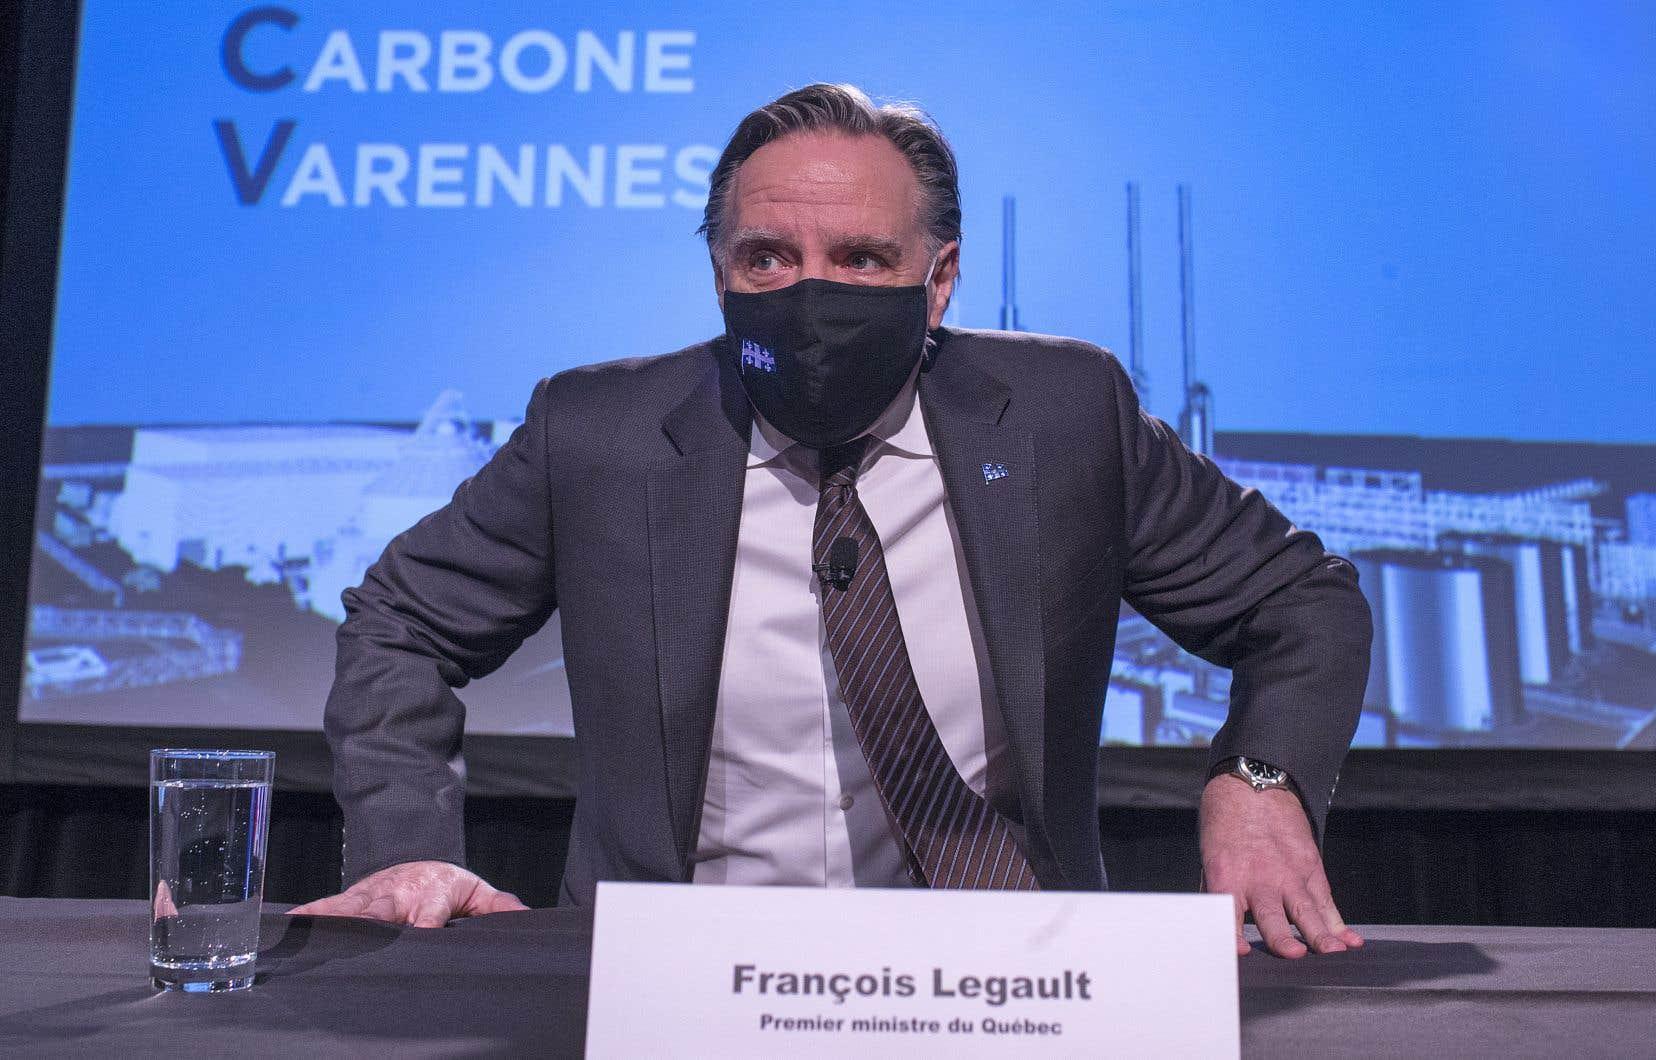 De nombreux élus, dont le premier ministre François Legault, étaient présents lors de l'annonce.